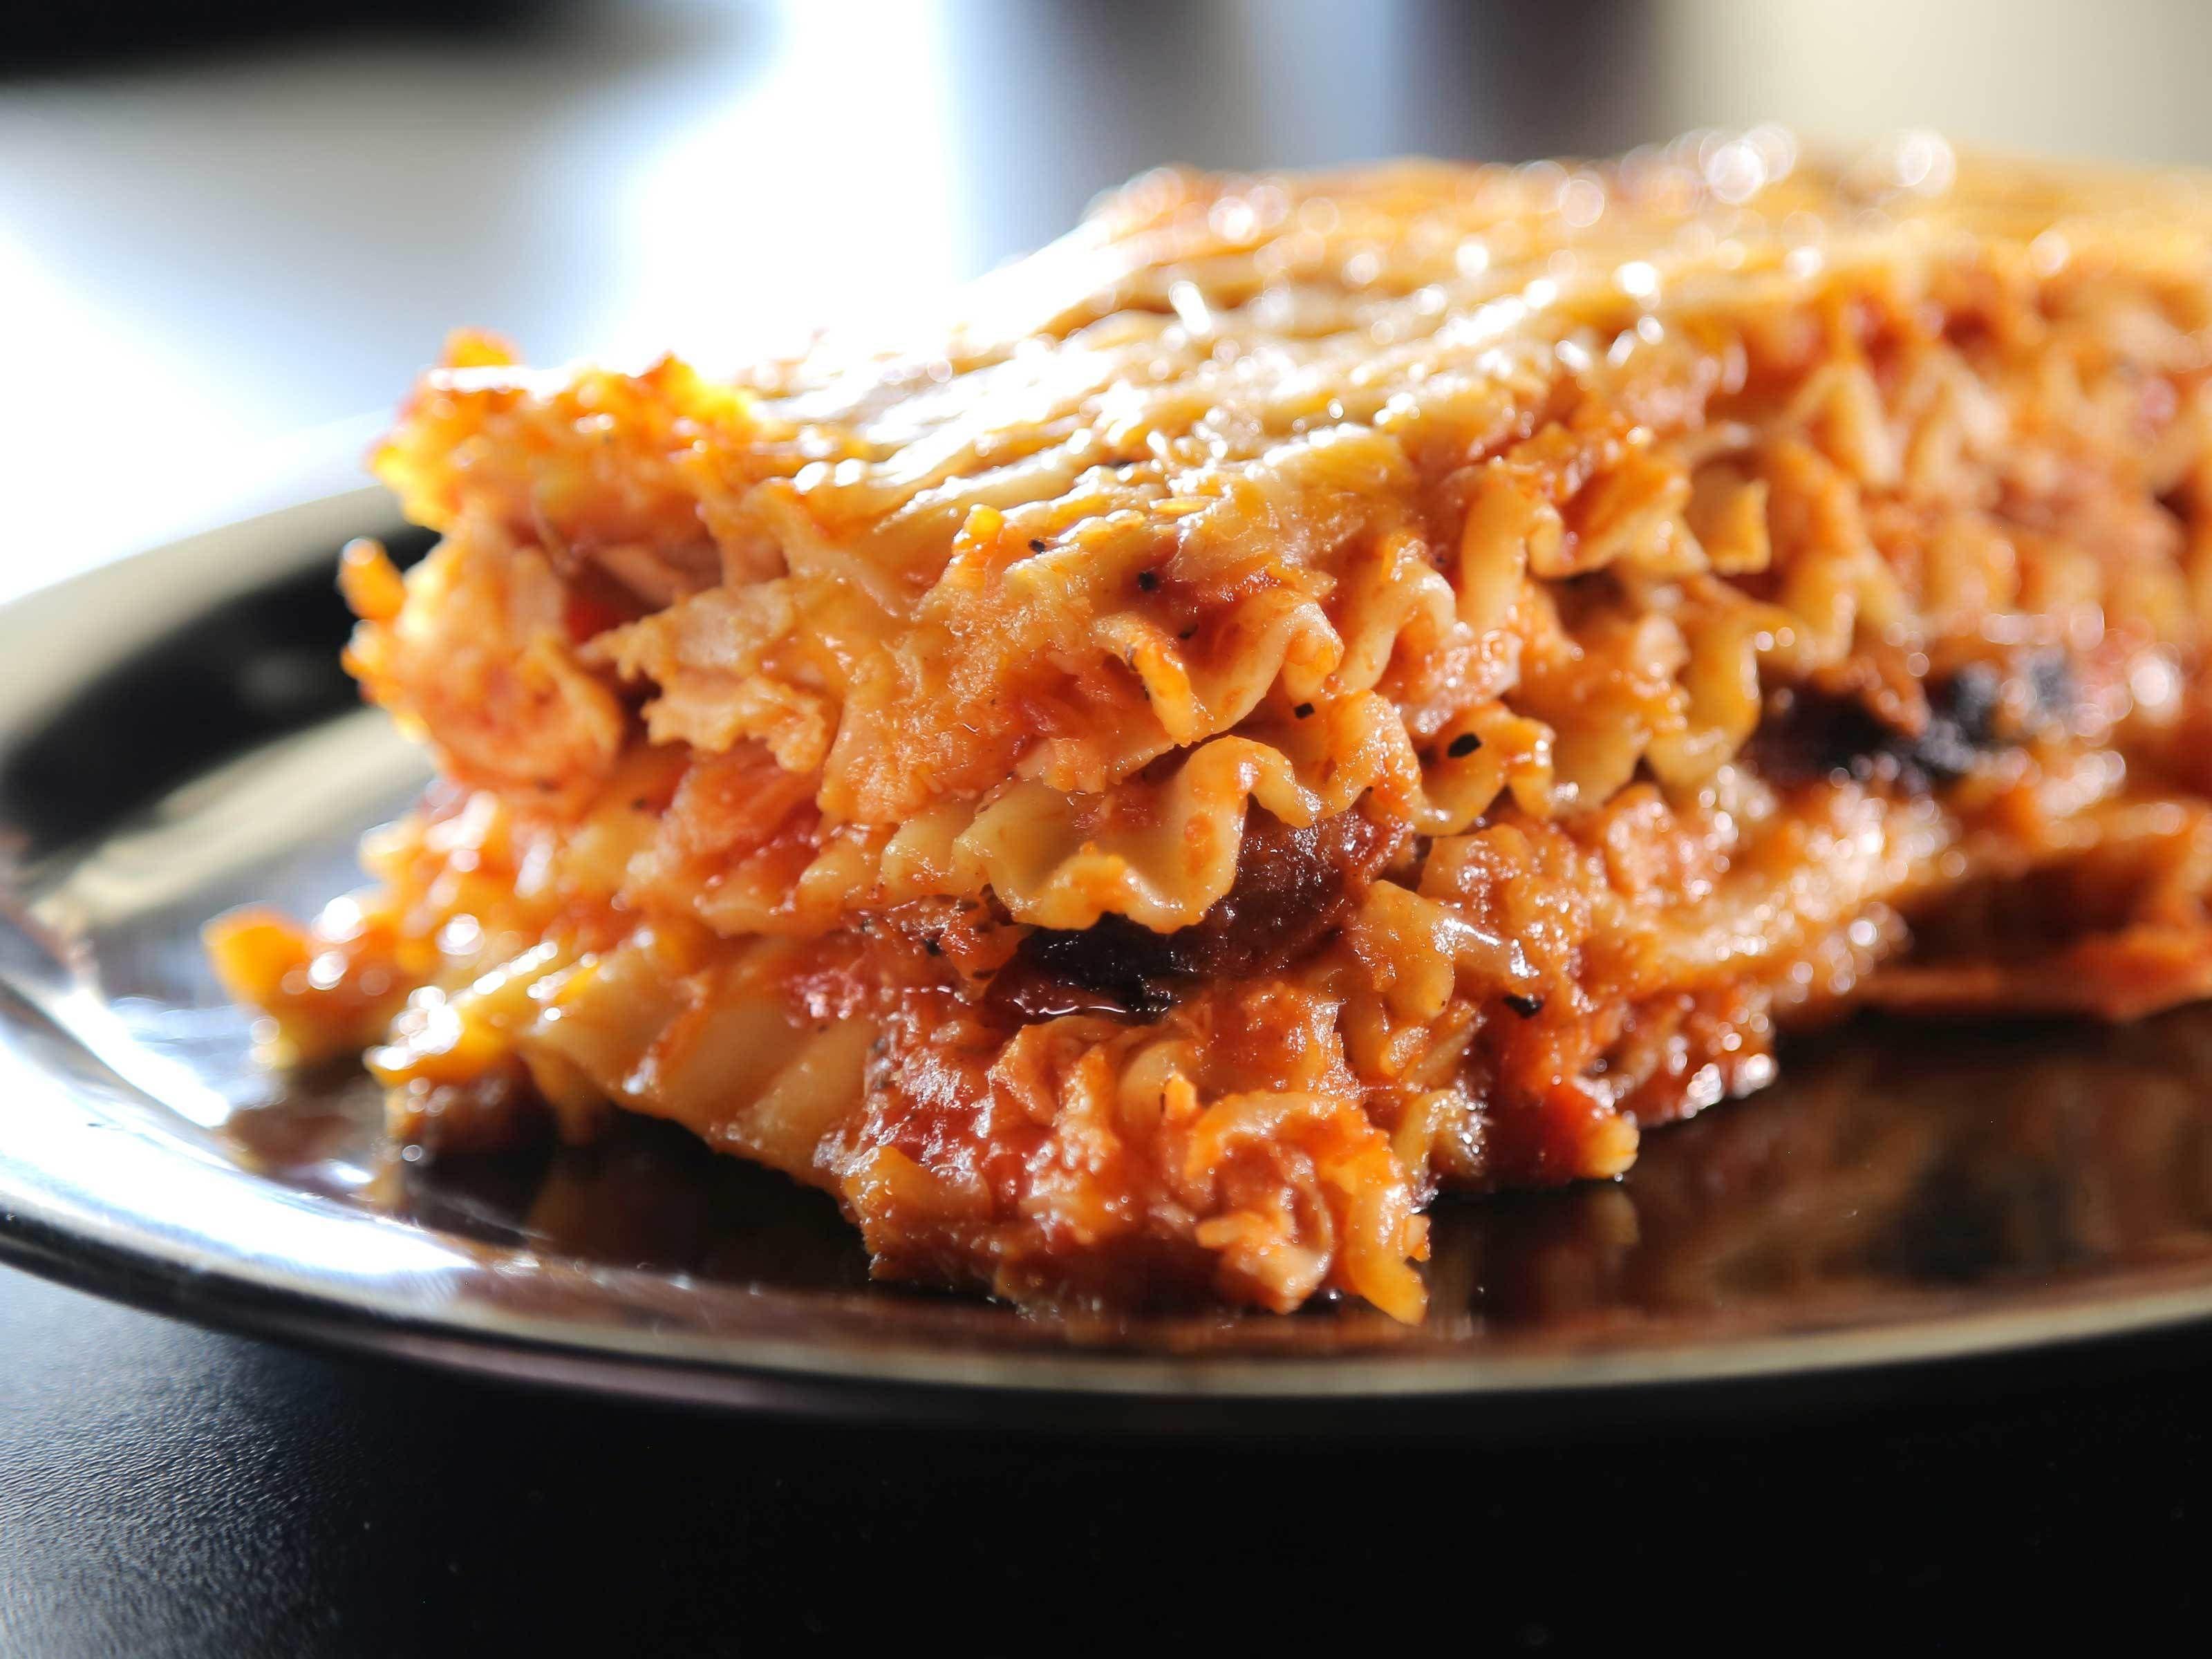 Bbq Lasagna Recipe Food Network Recipes Lasagna Recipe Easy Lasagna Recipe